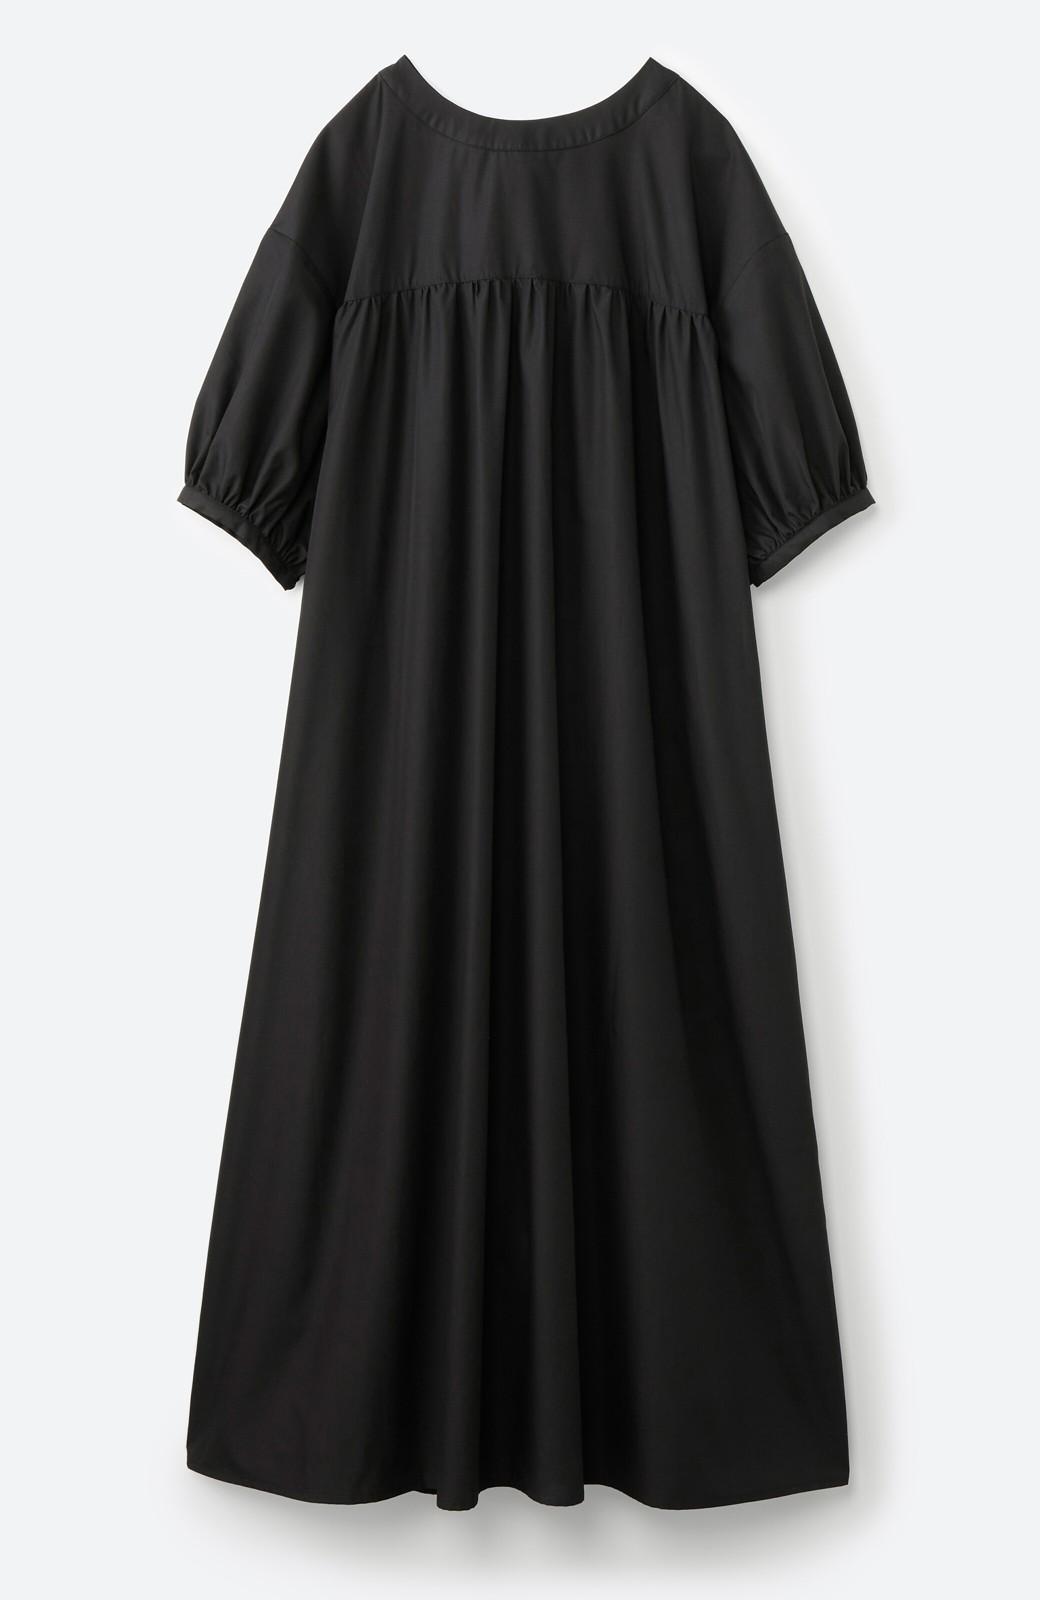 haco! 前後で着られて羽織りとしても便利! いつものパンツに重ねて着まわし上手になれるシャツワンピースby who made me <ブラック>の商品写真23